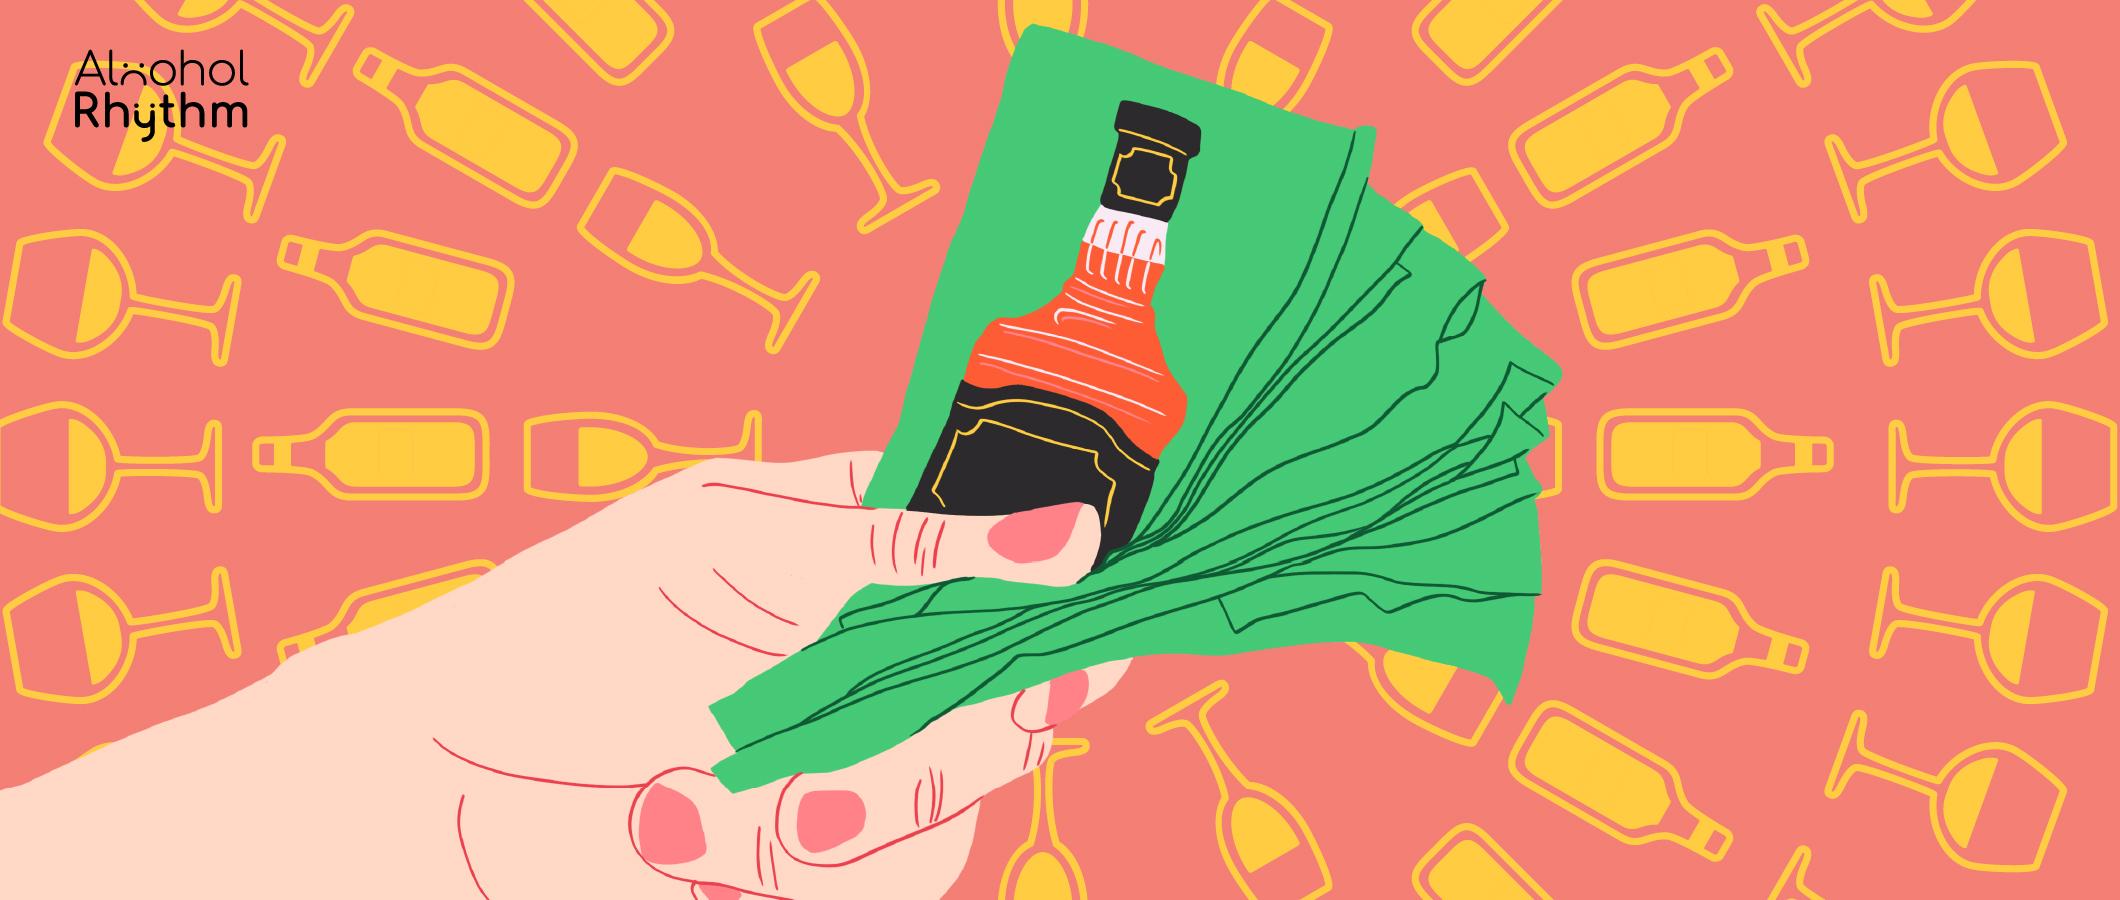 (Quote) เพราะการดื่มเหล้ากำลังสร้างต้นทุนแก่สังคม – 'ผศ.ดร.ธัชนันท์ โกมลไพศาล'